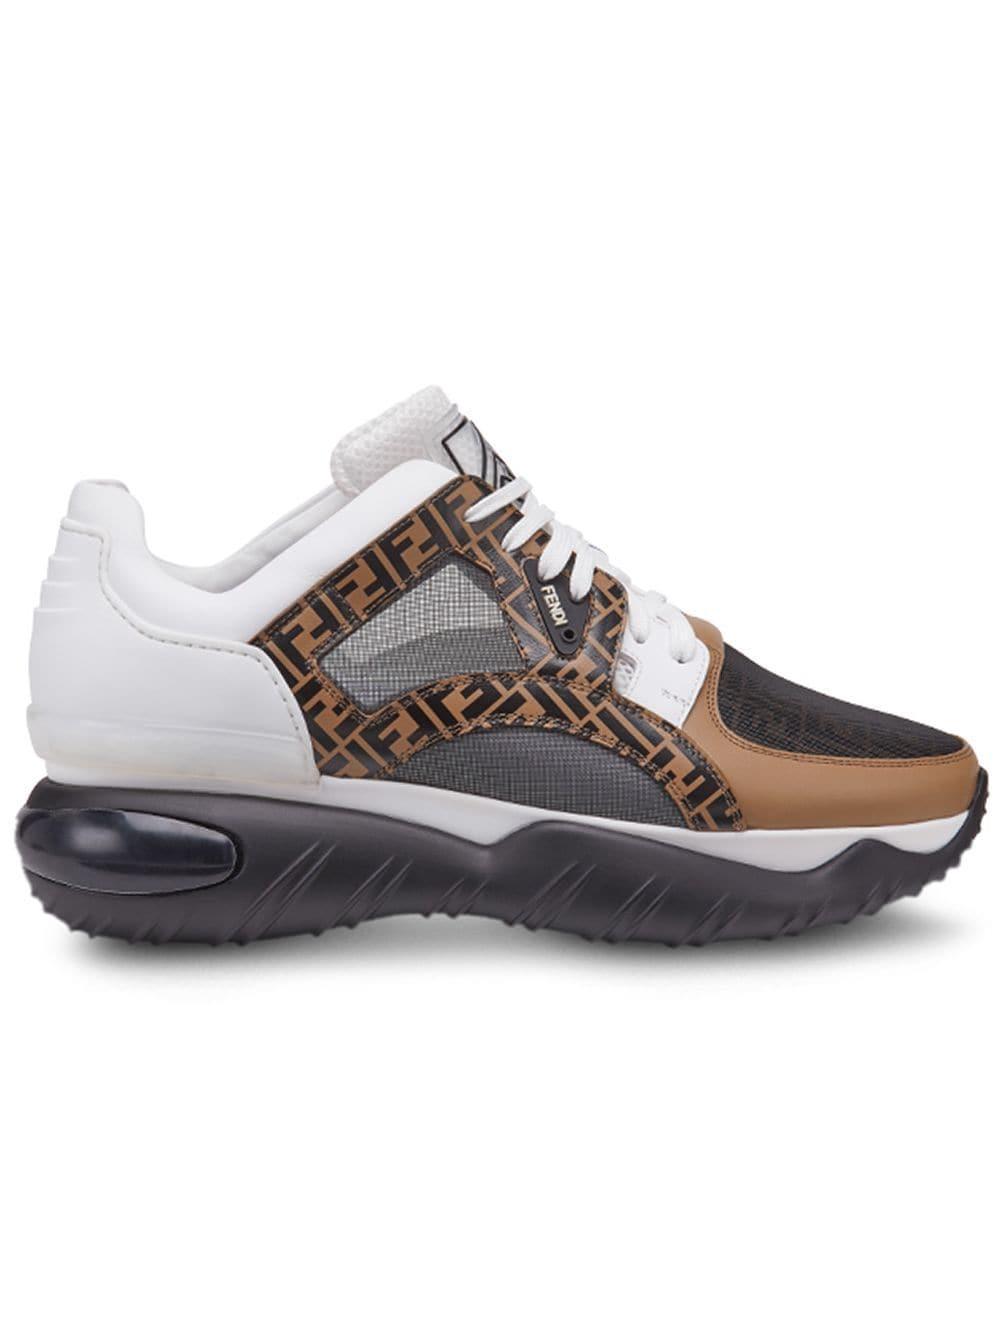 Herren Herren Klobige Sneakers Herren Braun Braun Klobige In Klobige In Sneakers ZkTOuXwPi